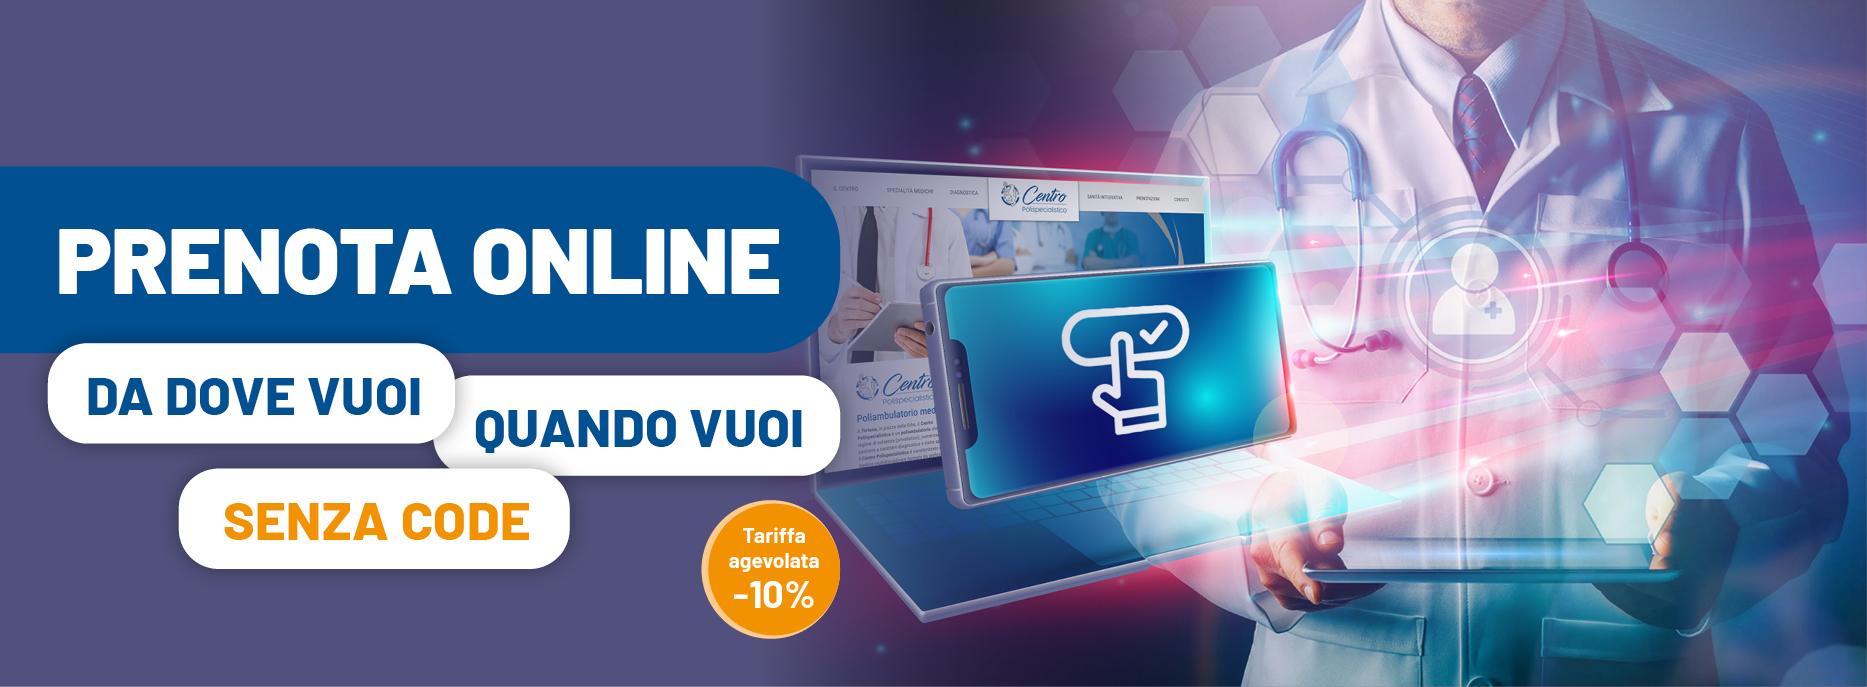 poliambulatorio prenotazione online